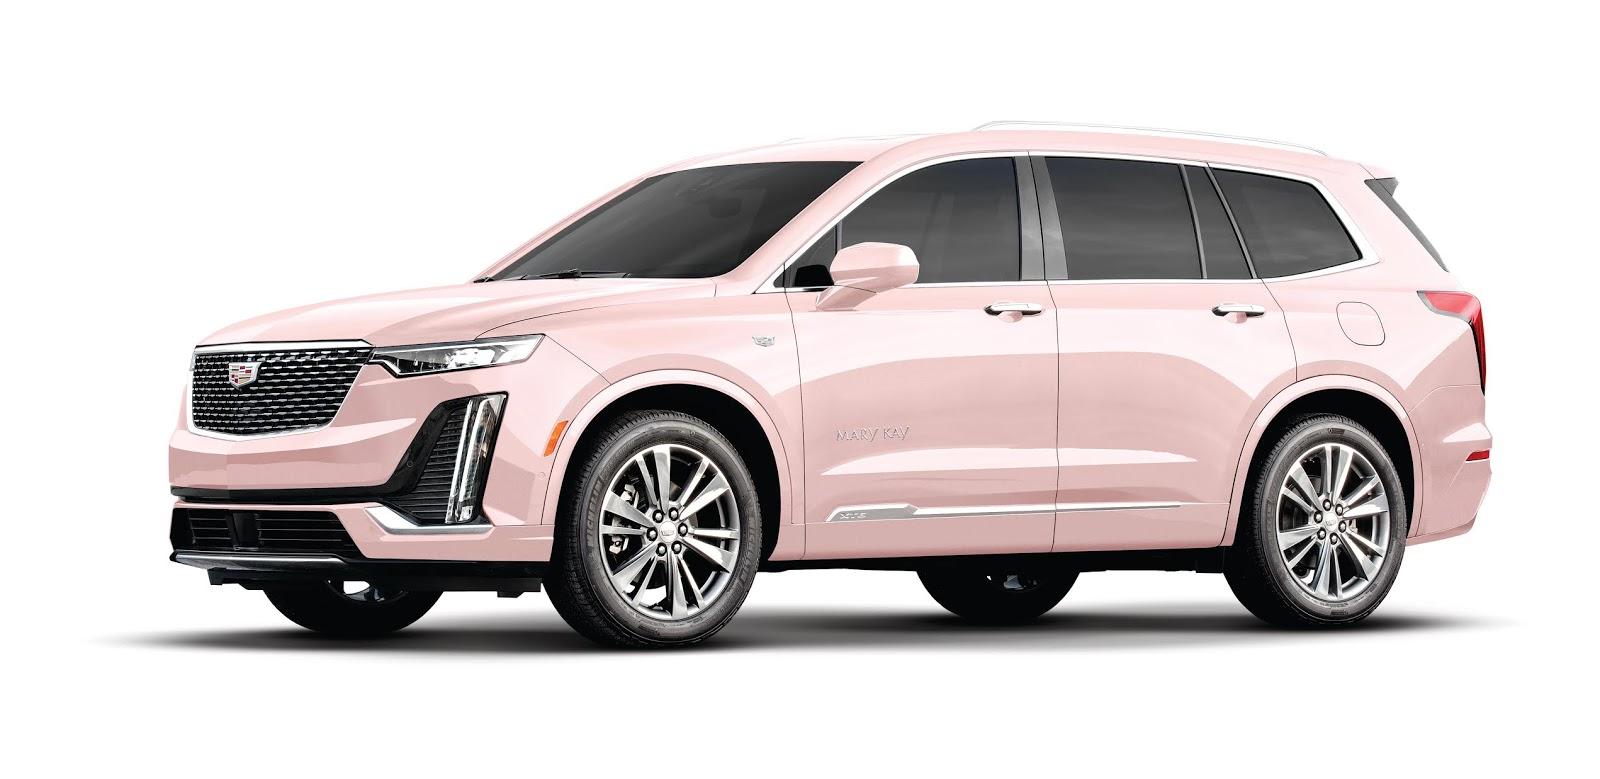 50 años y sigue siendo el auto de ensueño: Mary Kay celebra aniversario histórico de su legendario Cadillac rosado en el Seminario de EUA